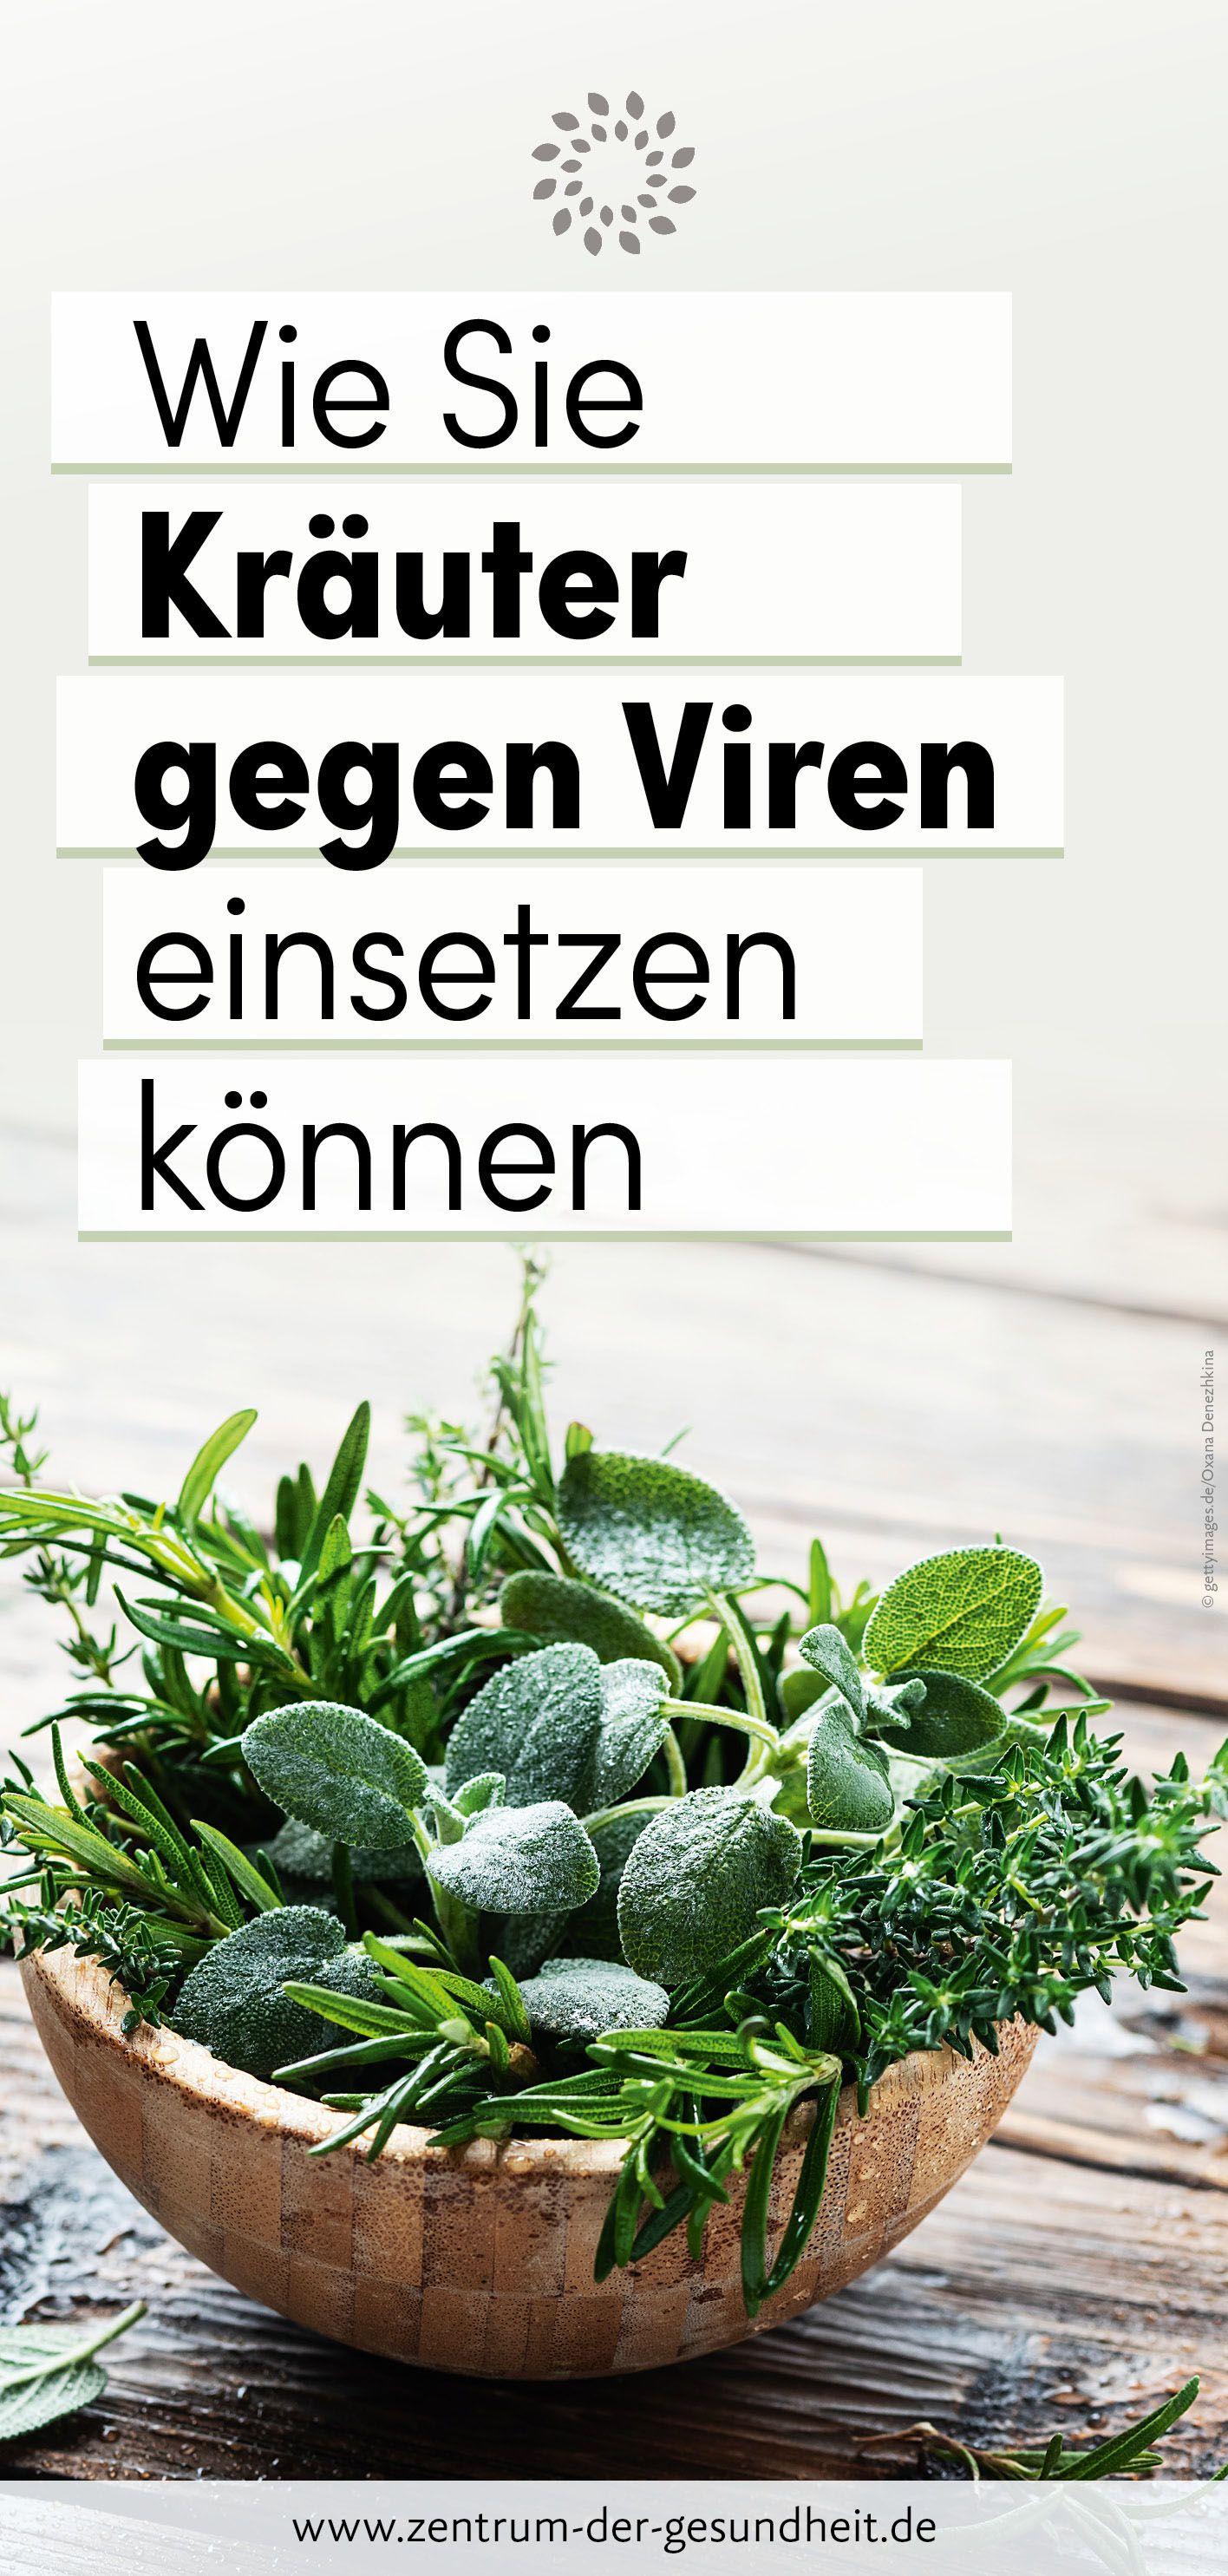 Kaum jemand weiss, welche Kräuter oder auch Gewürze im Kampf gegen Viren eingesetzt werden können. Wir erklären, welche Kräuter eine Anti-Virus-Wirkung haben und wie Sie diese anwenden können. #Kräuter #Viren #natürlich #Gesundheit #selbstmachen